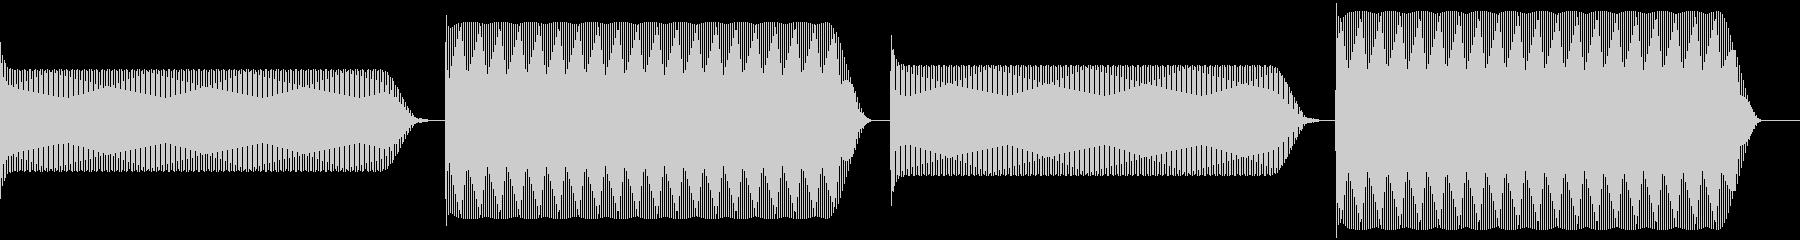 ゲームなどの一時停止音 ピコピコ。レトロの未再生の波形